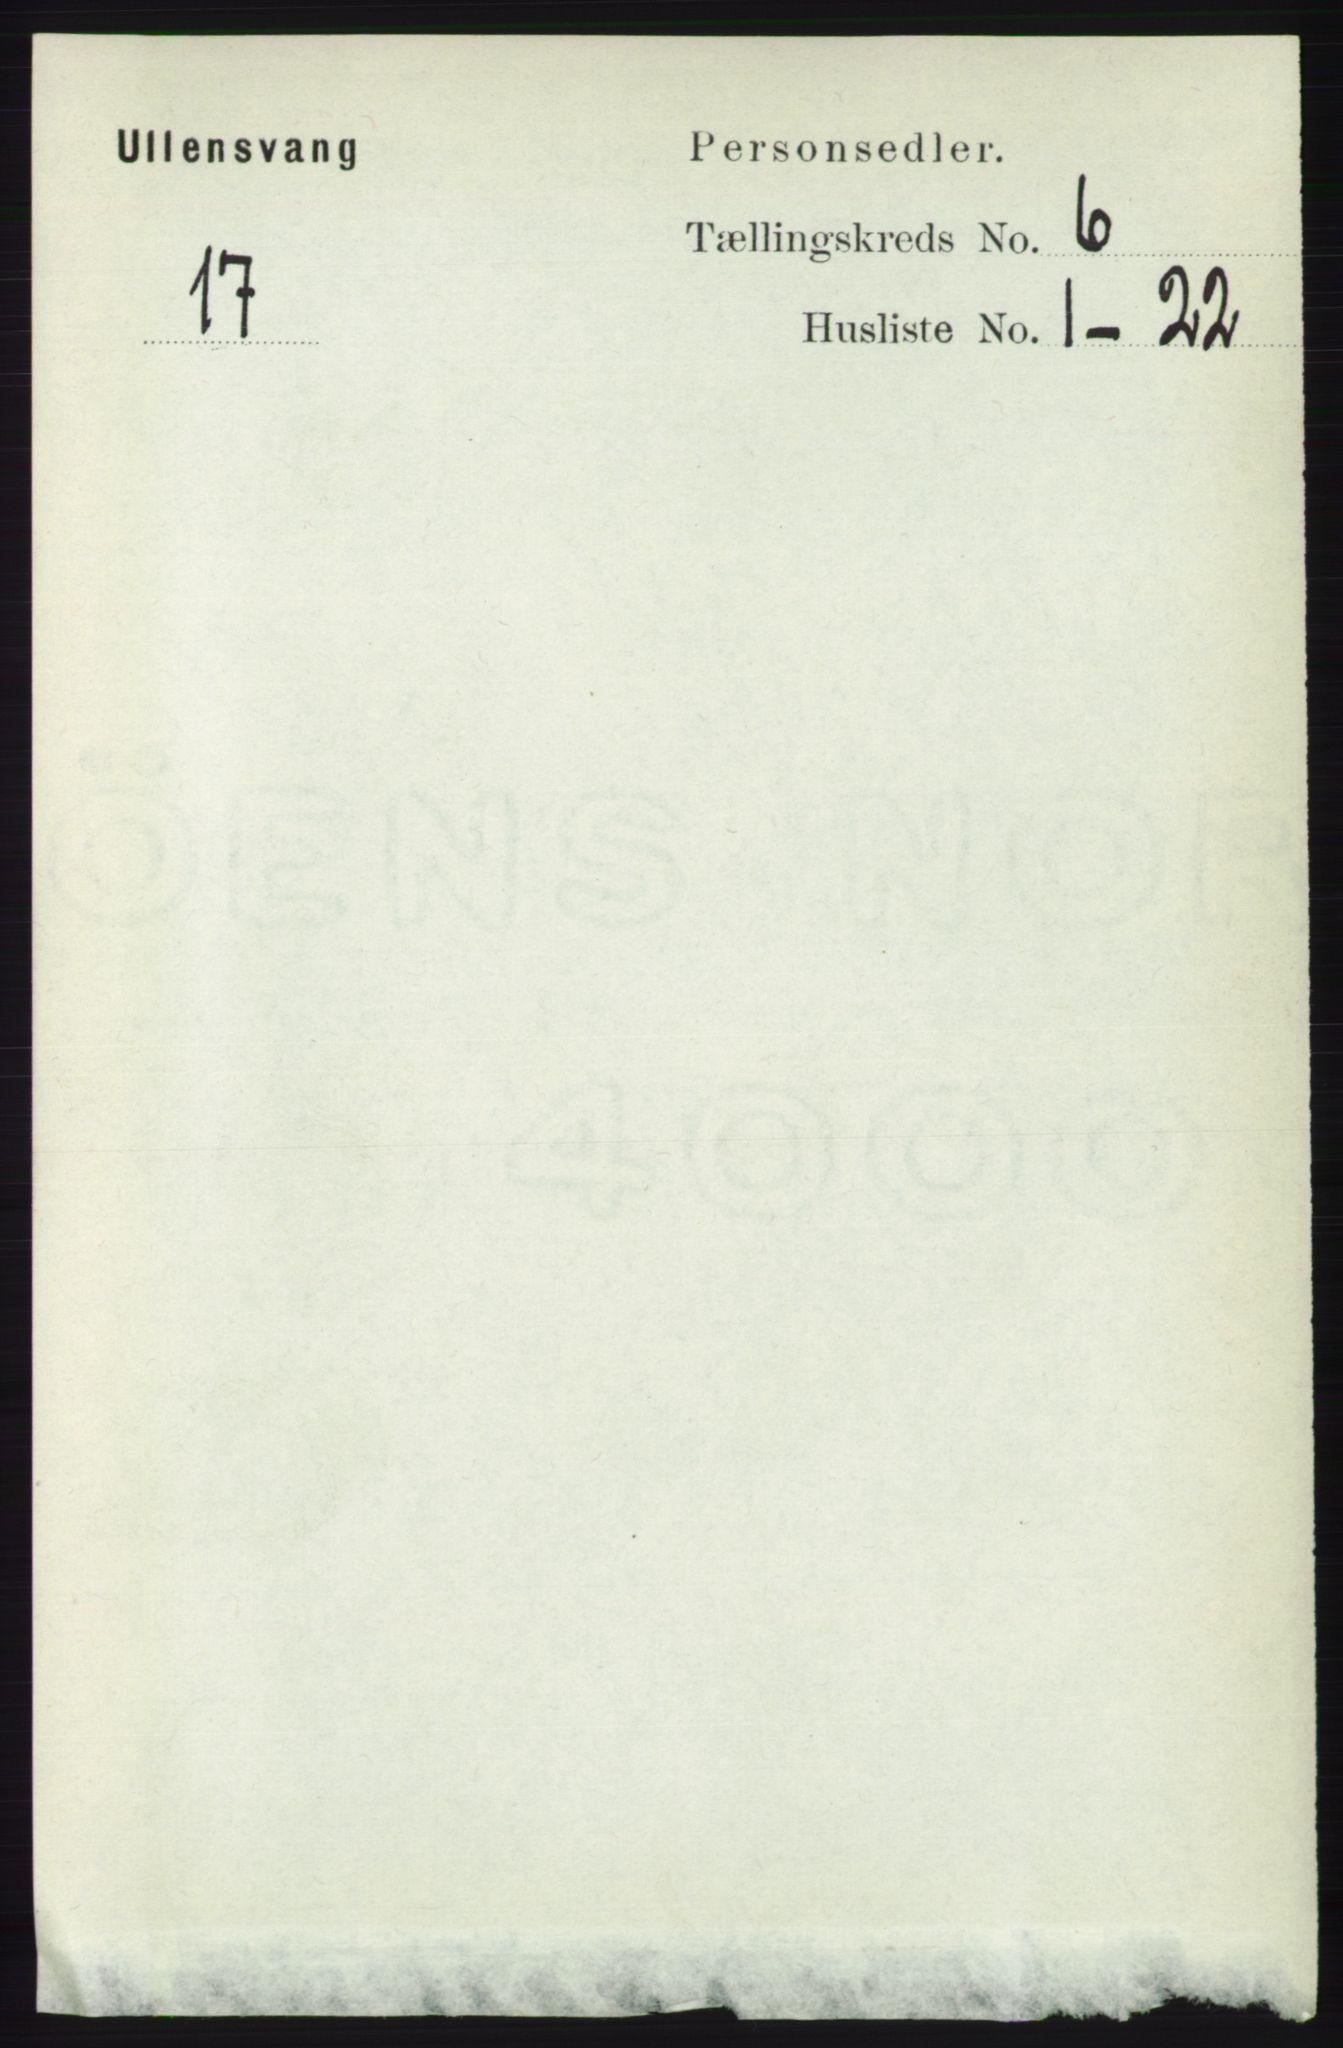 RA, Folketelling 1891 for 1230 Ullensvang herred, 1891, s. 1907